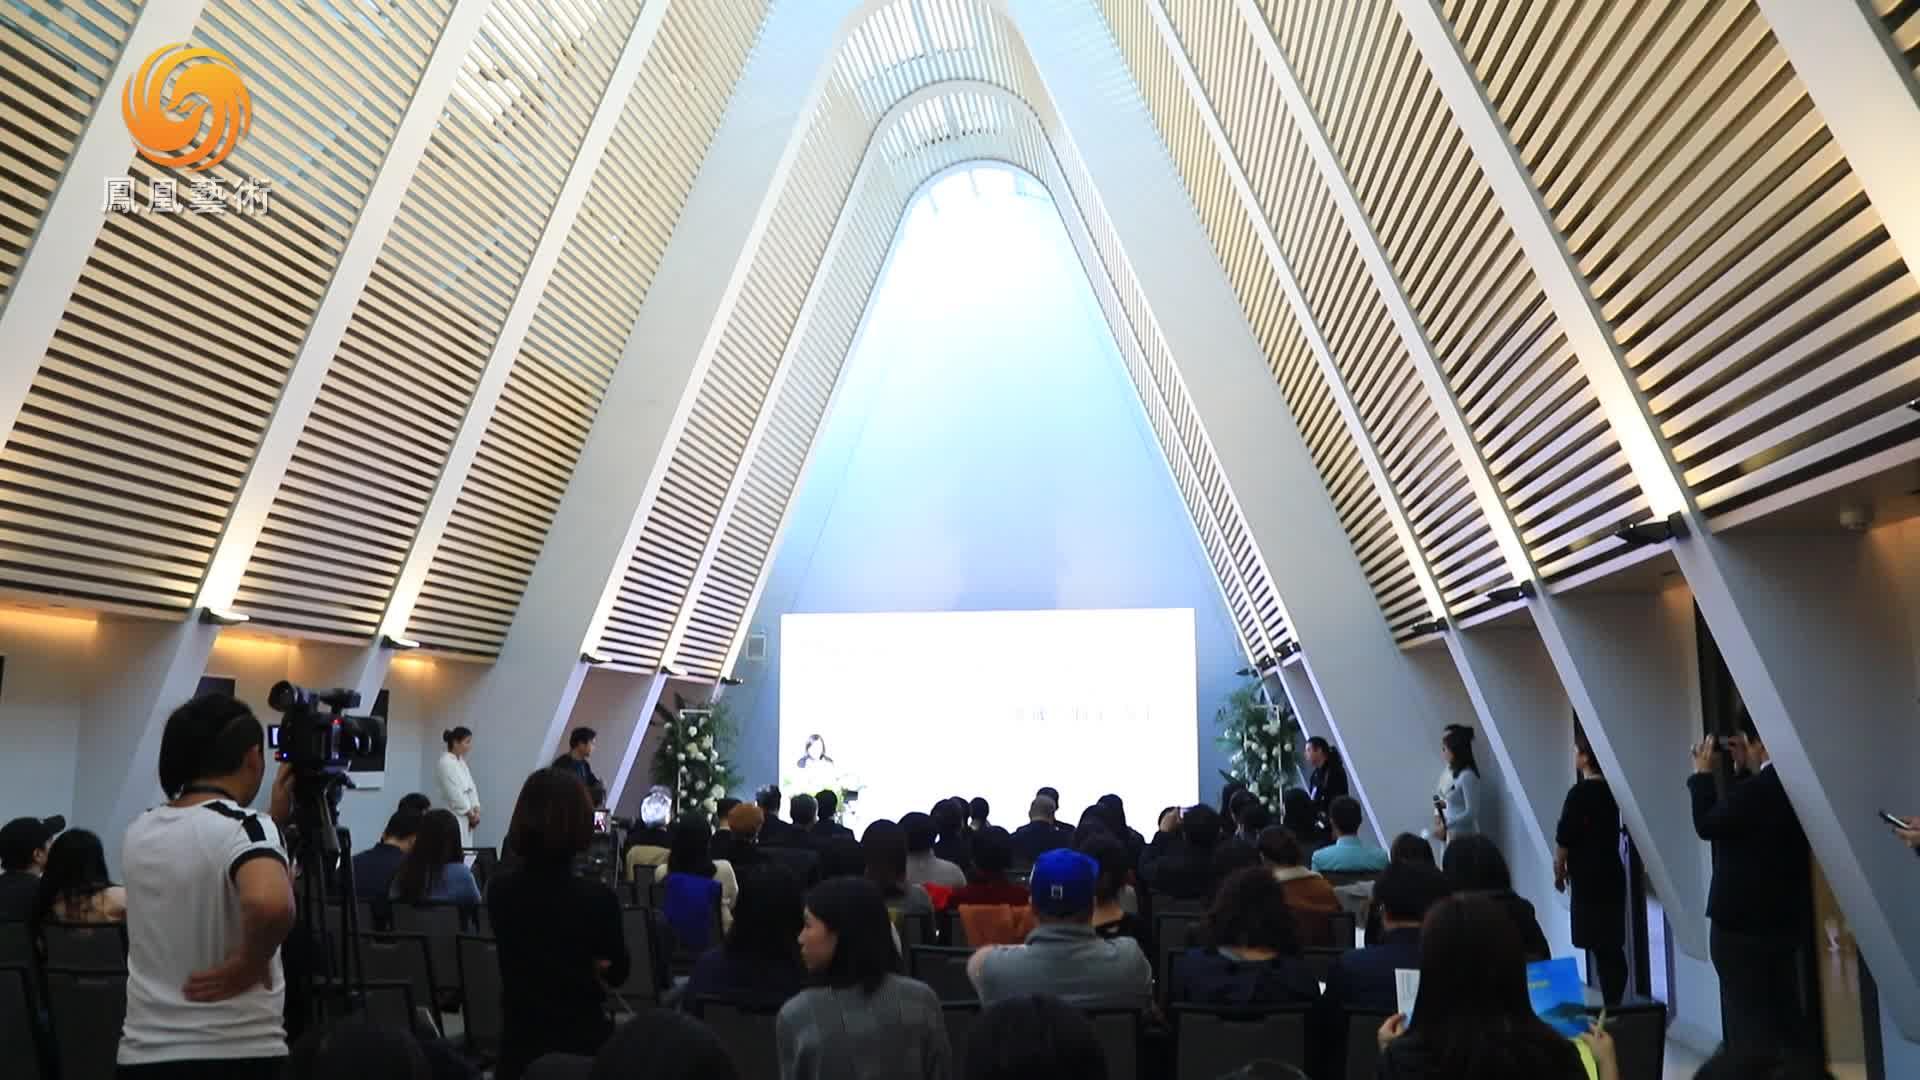 艺术翻转地方经济:日本「濑户内国际艺术节」